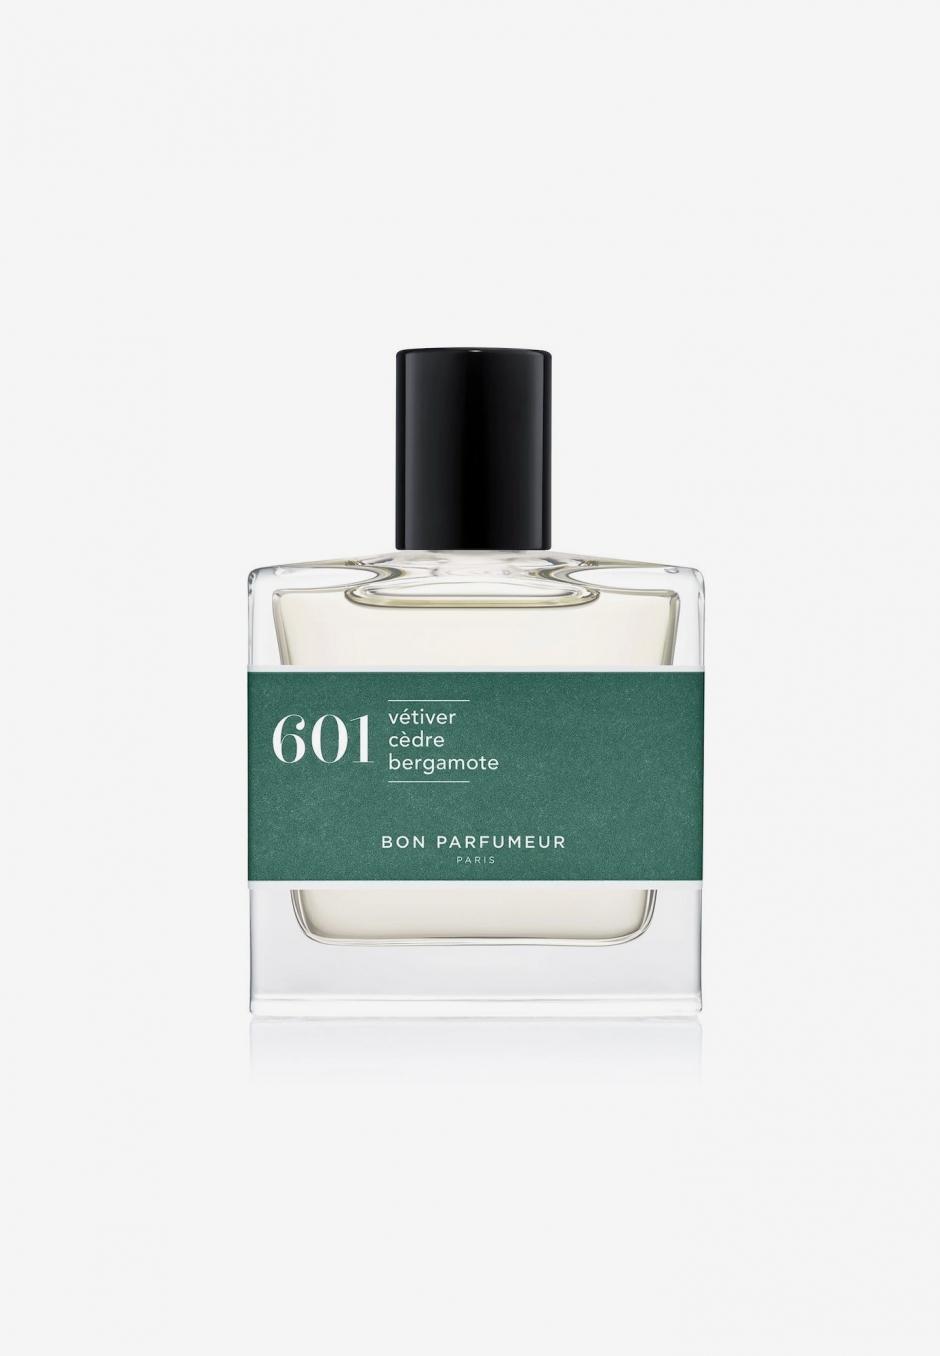 Bon Parfumeur EdP 601: vetiver/cedar/bergamot 30ml